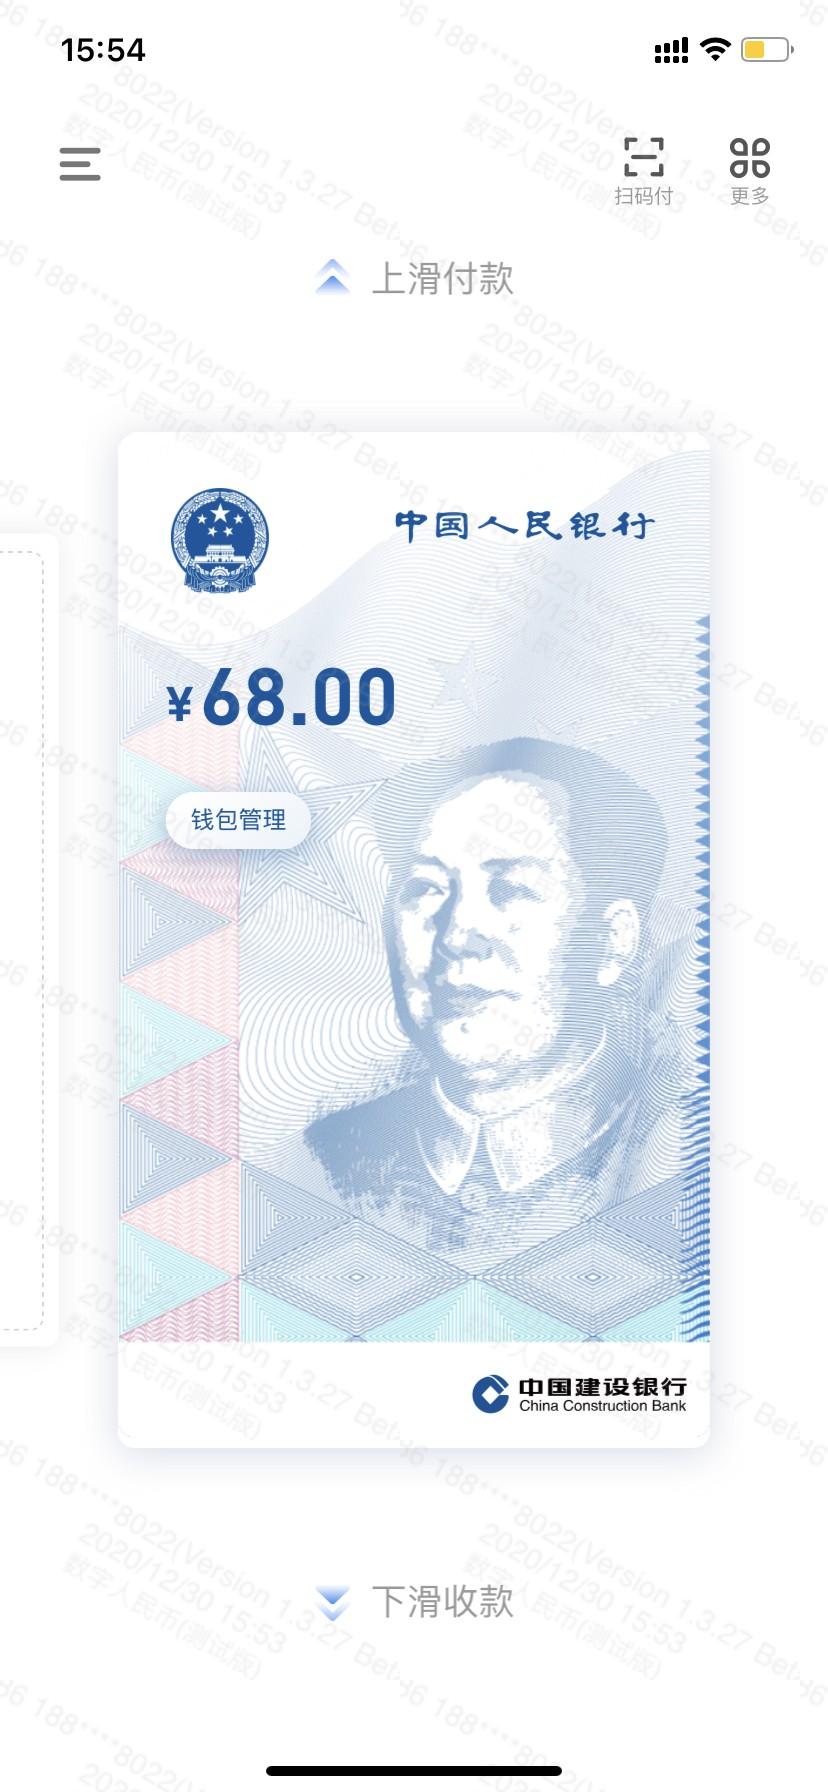 苏州2000万数字人民币红包落地,欢太数科提供场景、技术支持